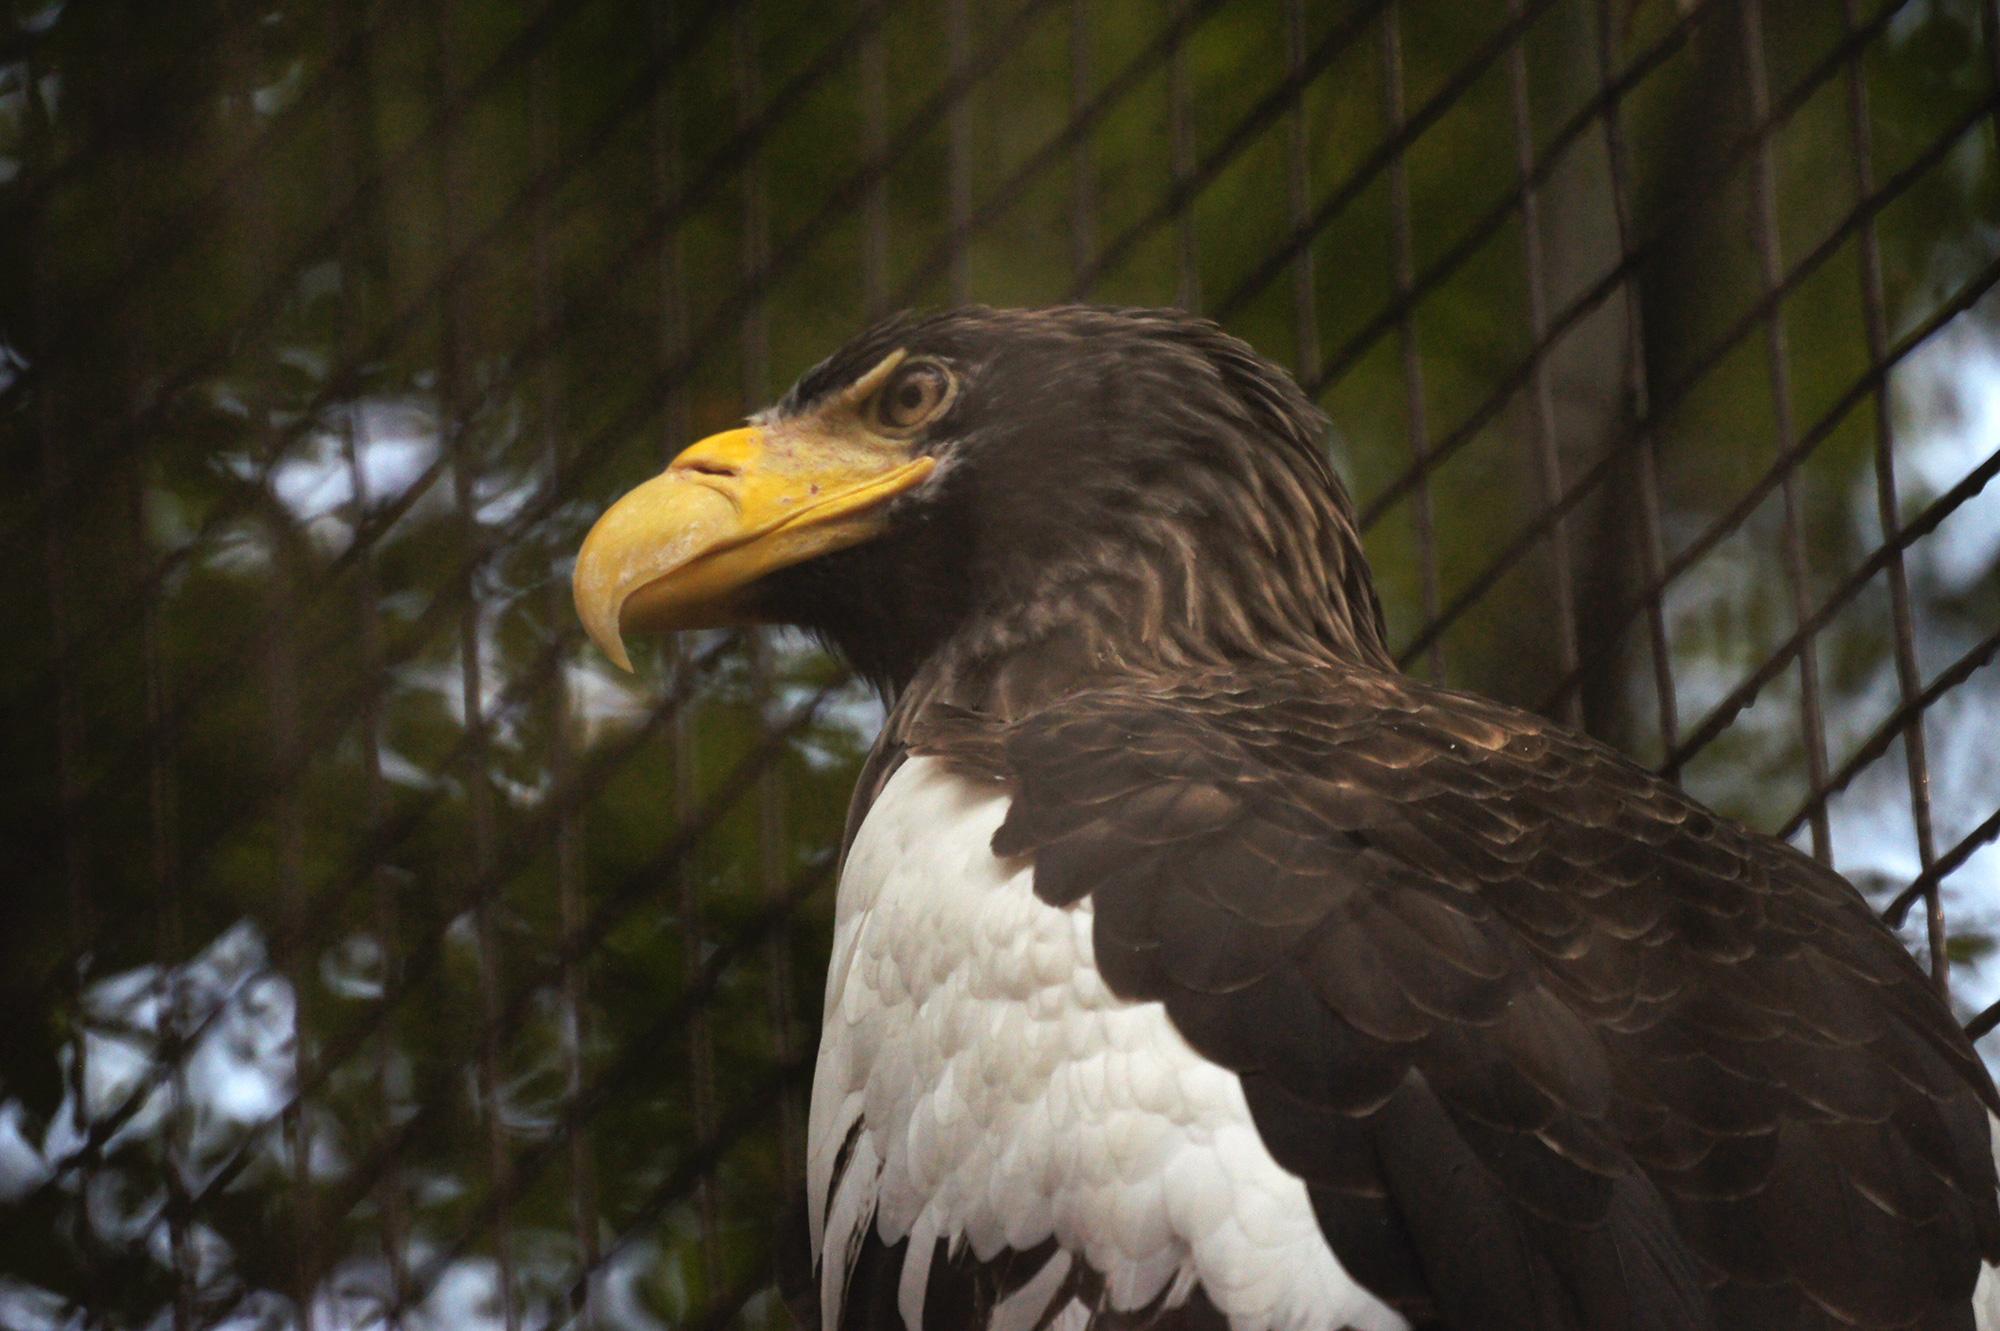 大鷲の写真のフリー素材